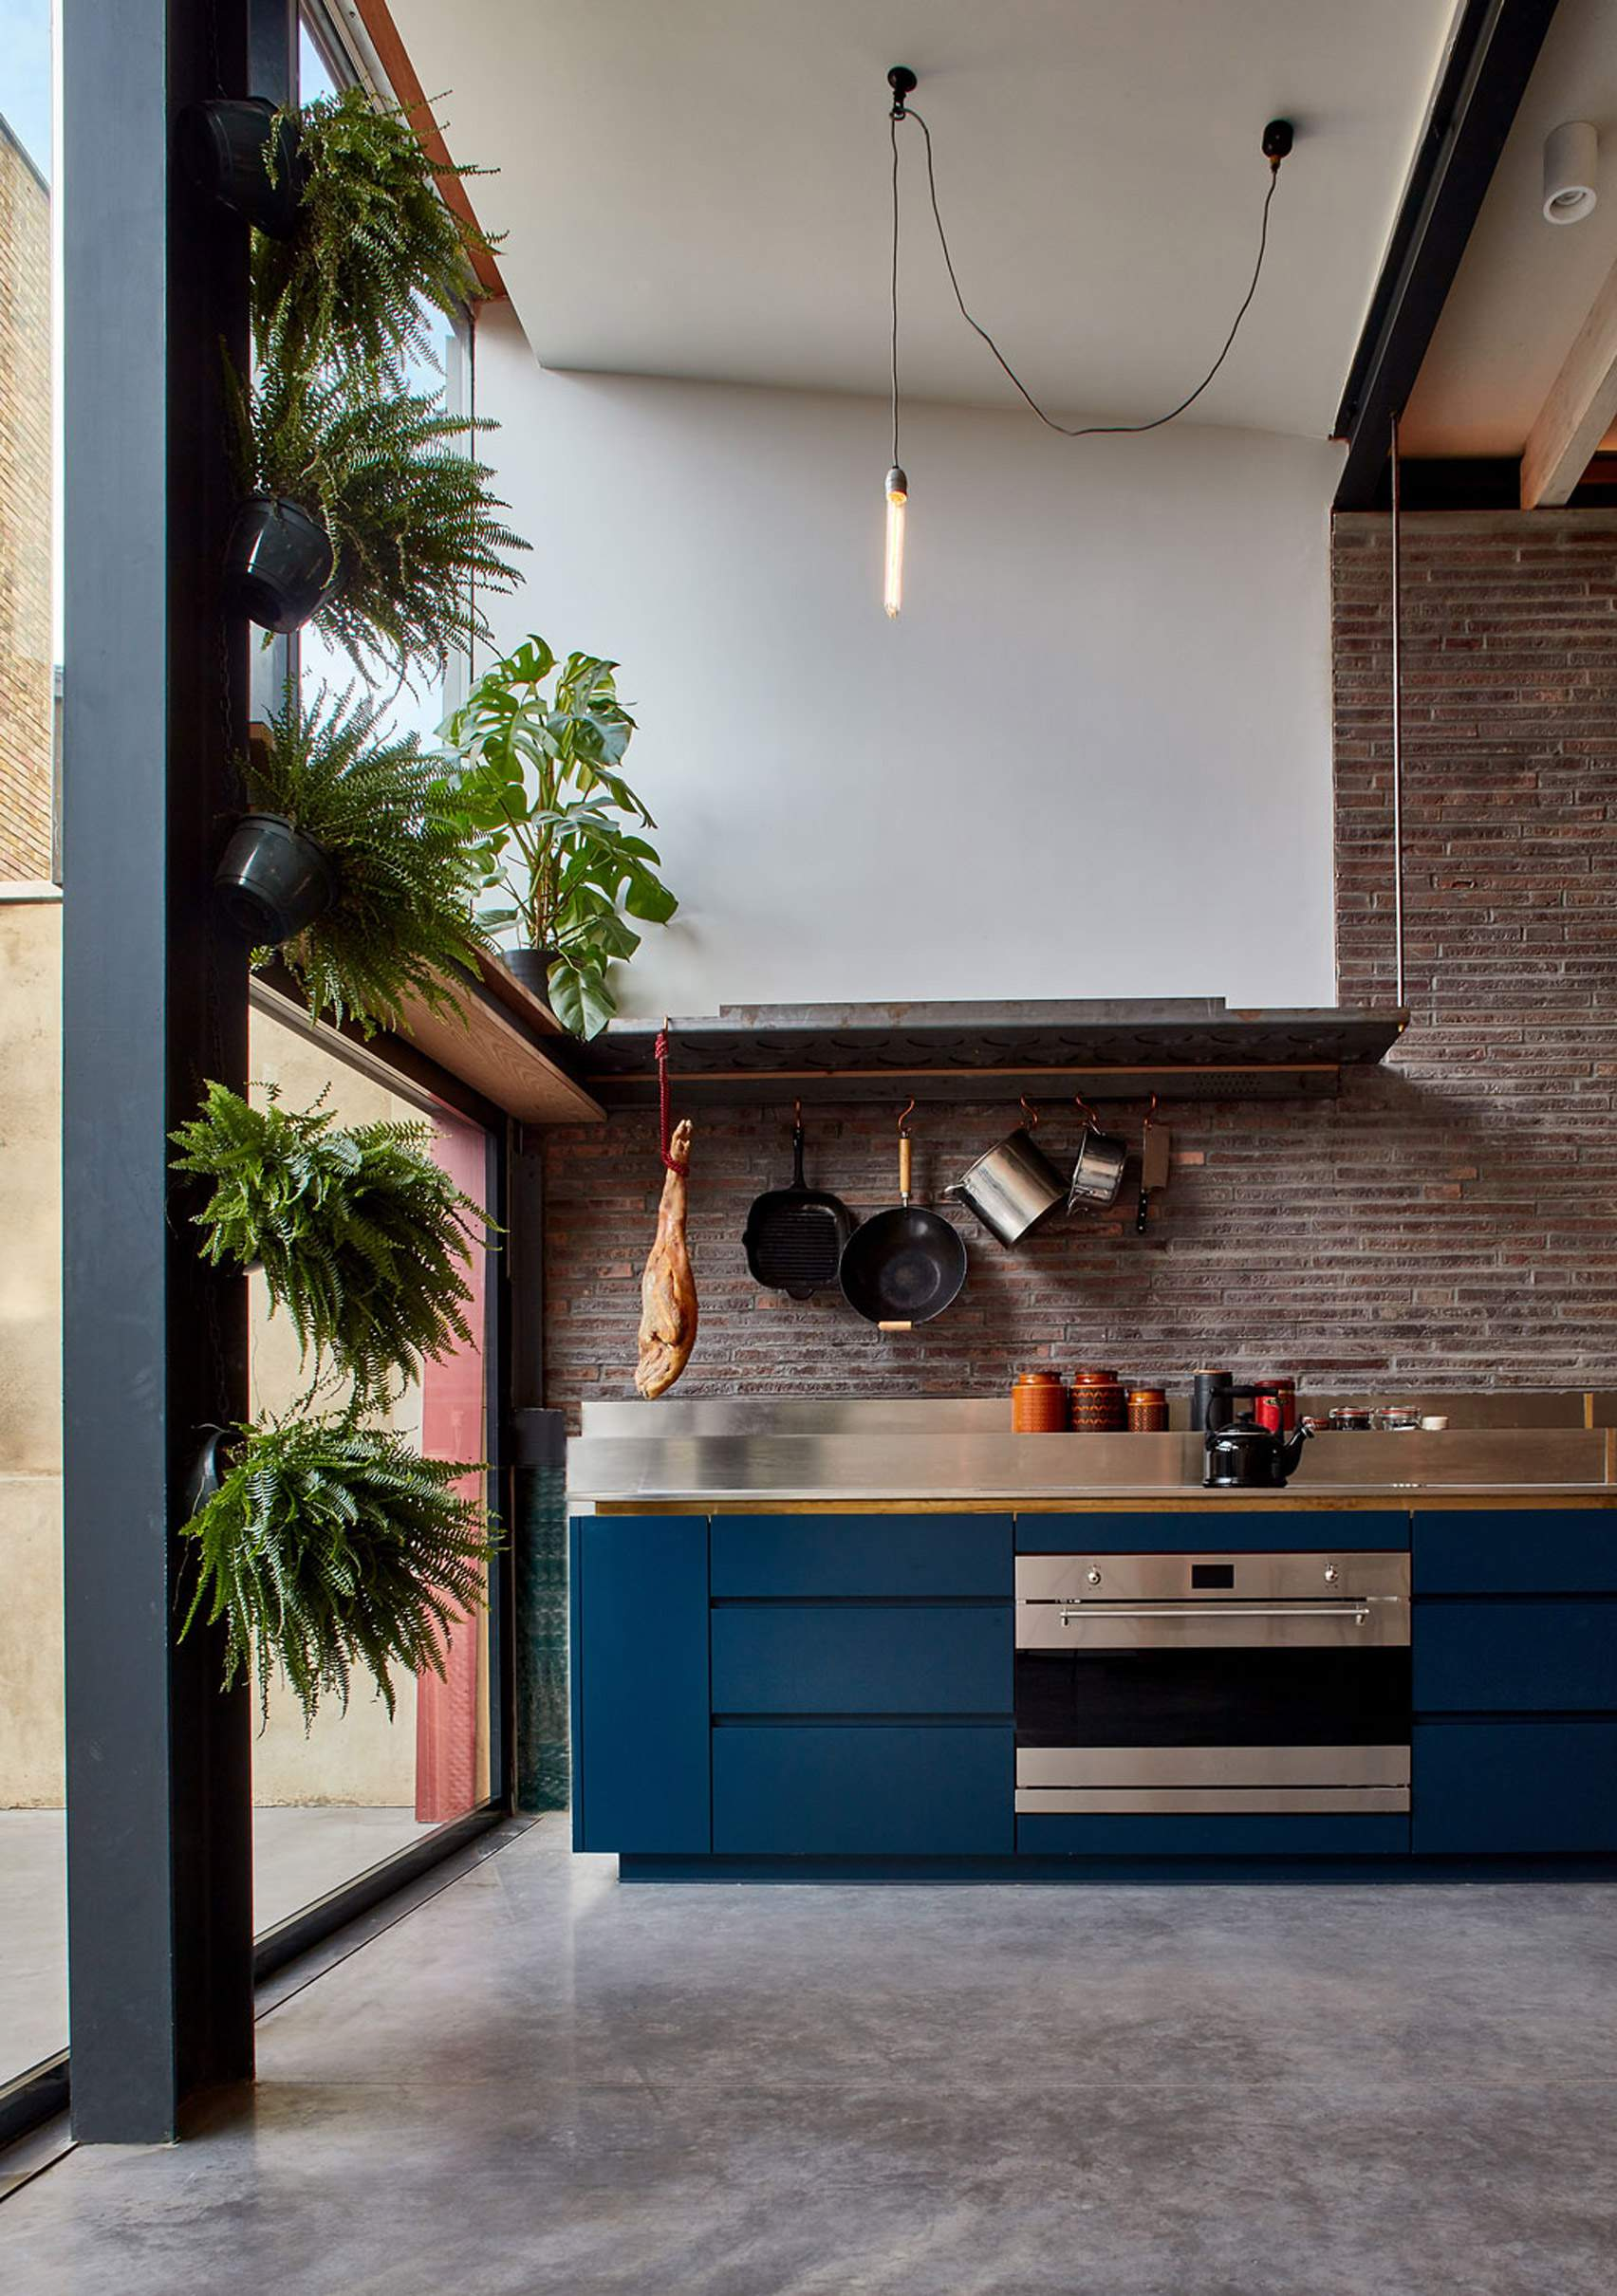 В этой кухне очень высокий потолок